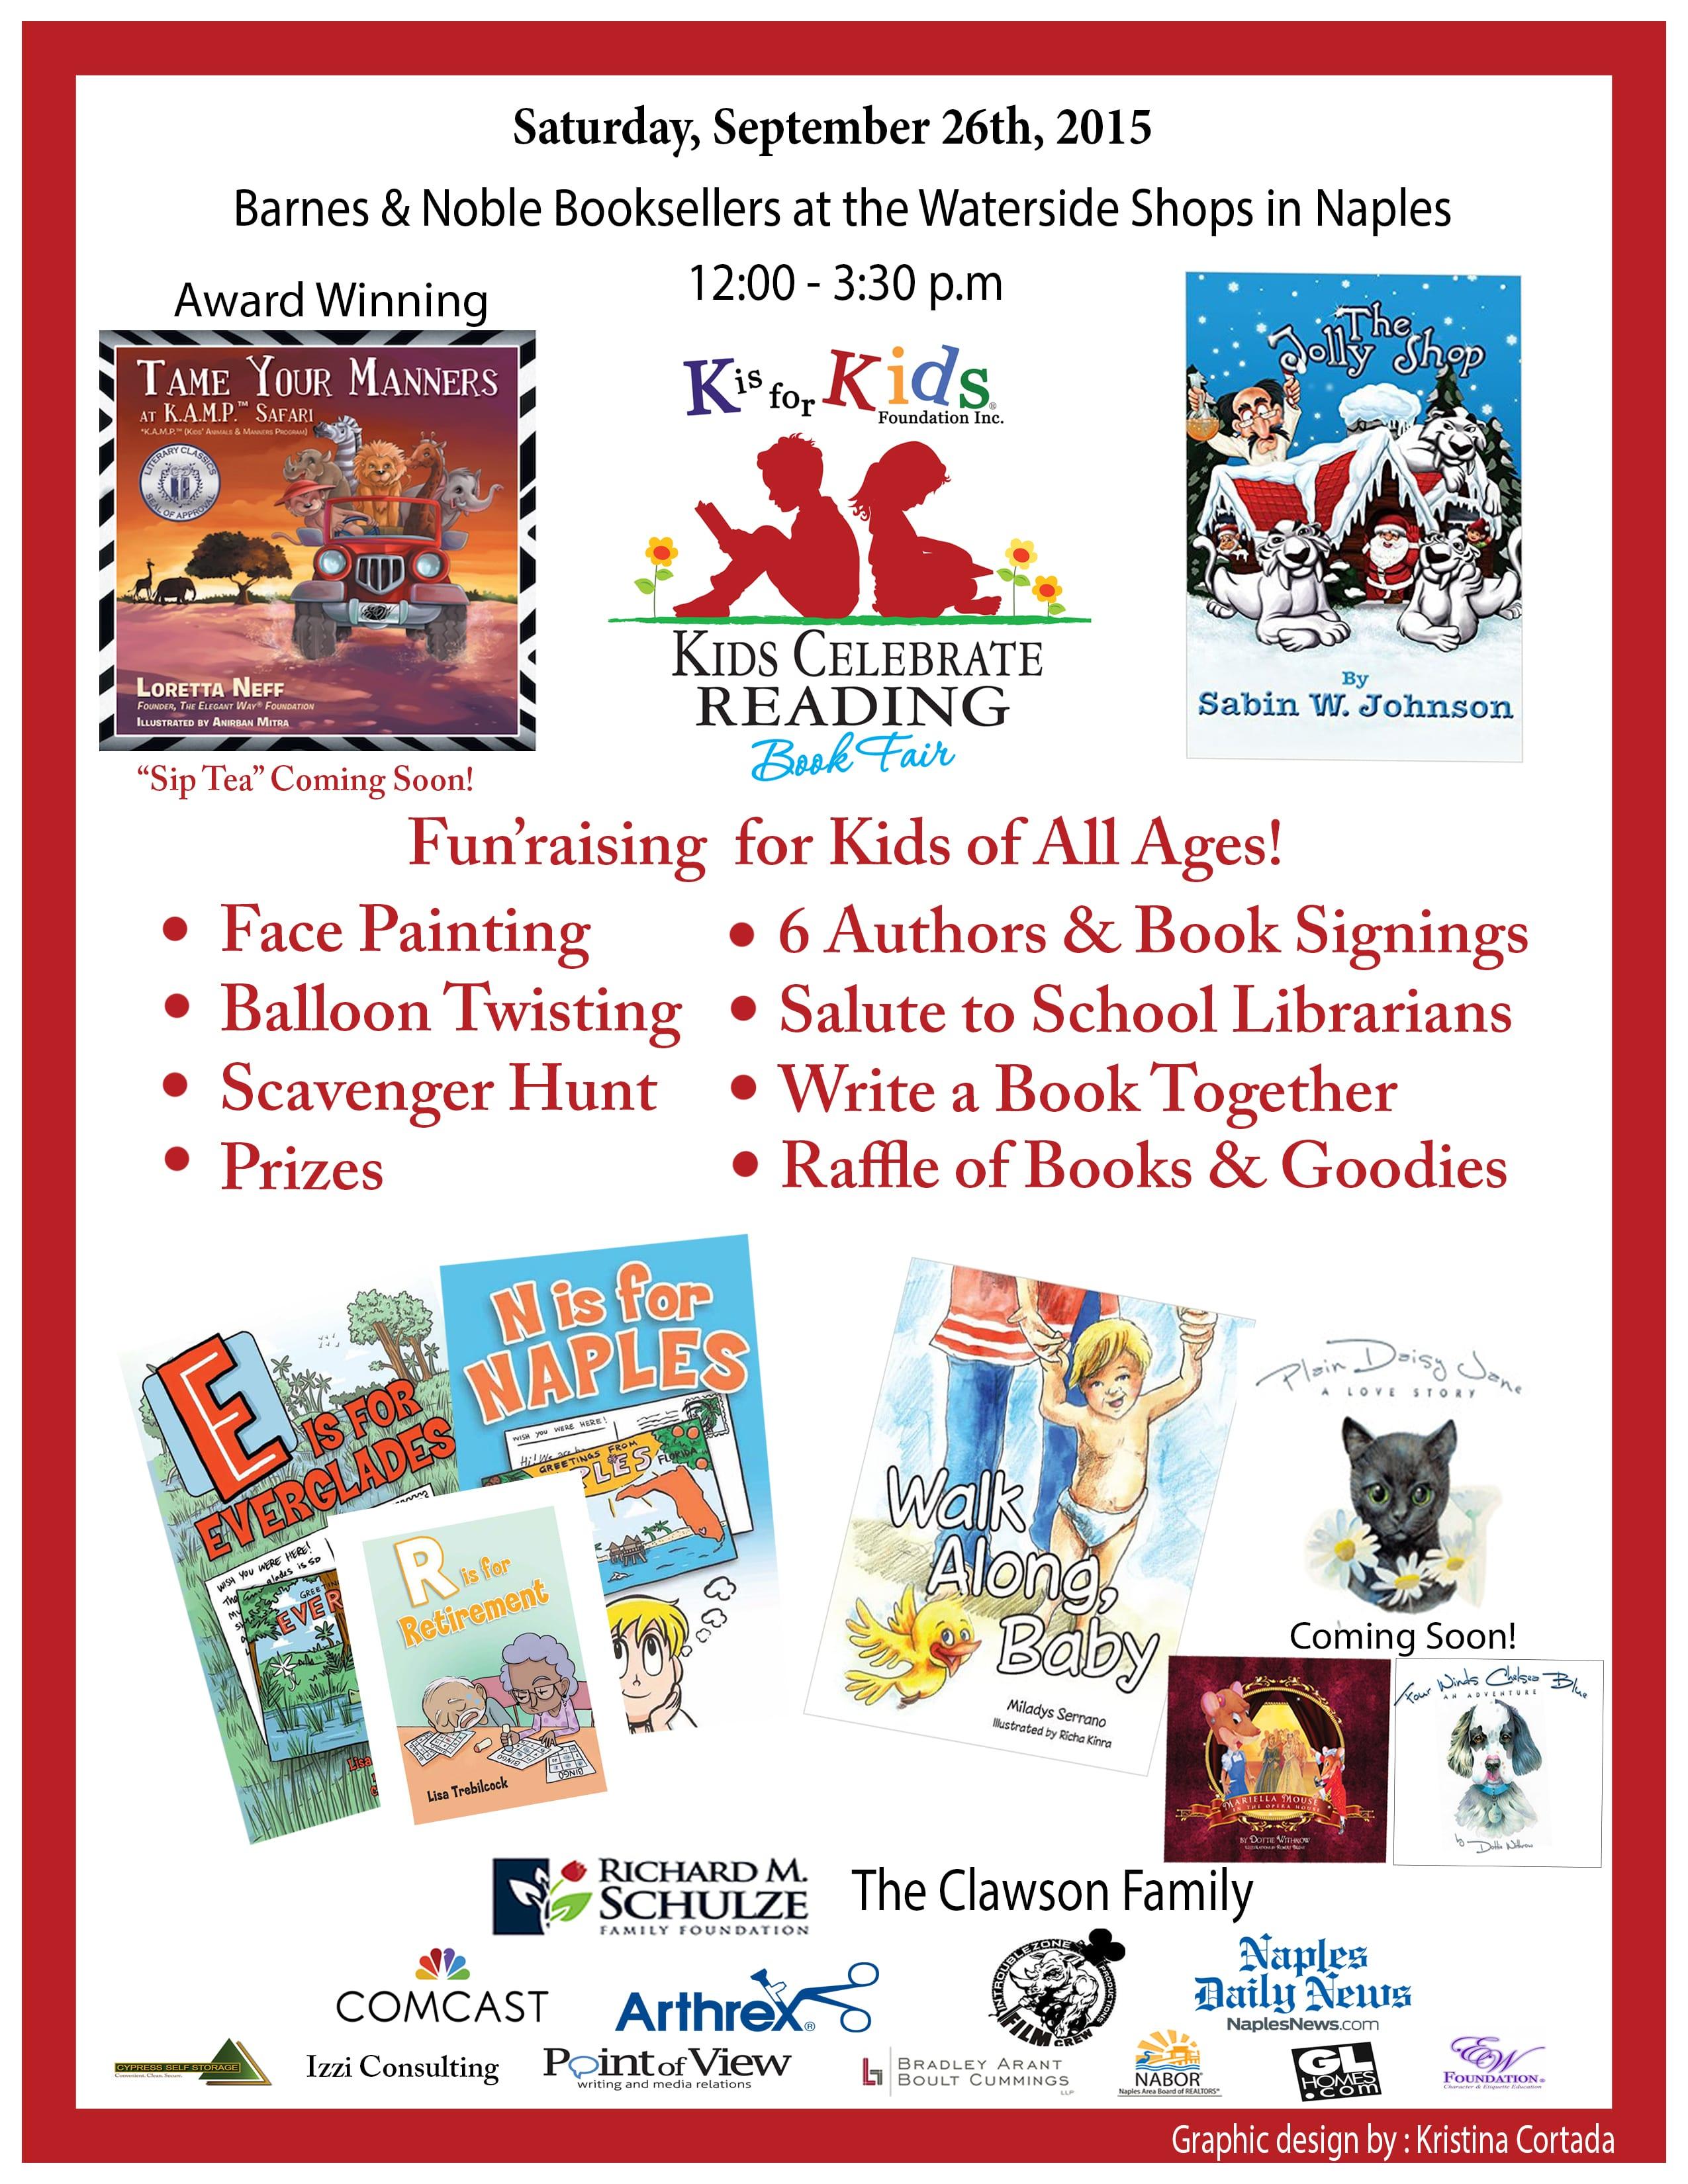 k is for kids u0027 student leaders launch reading program for children